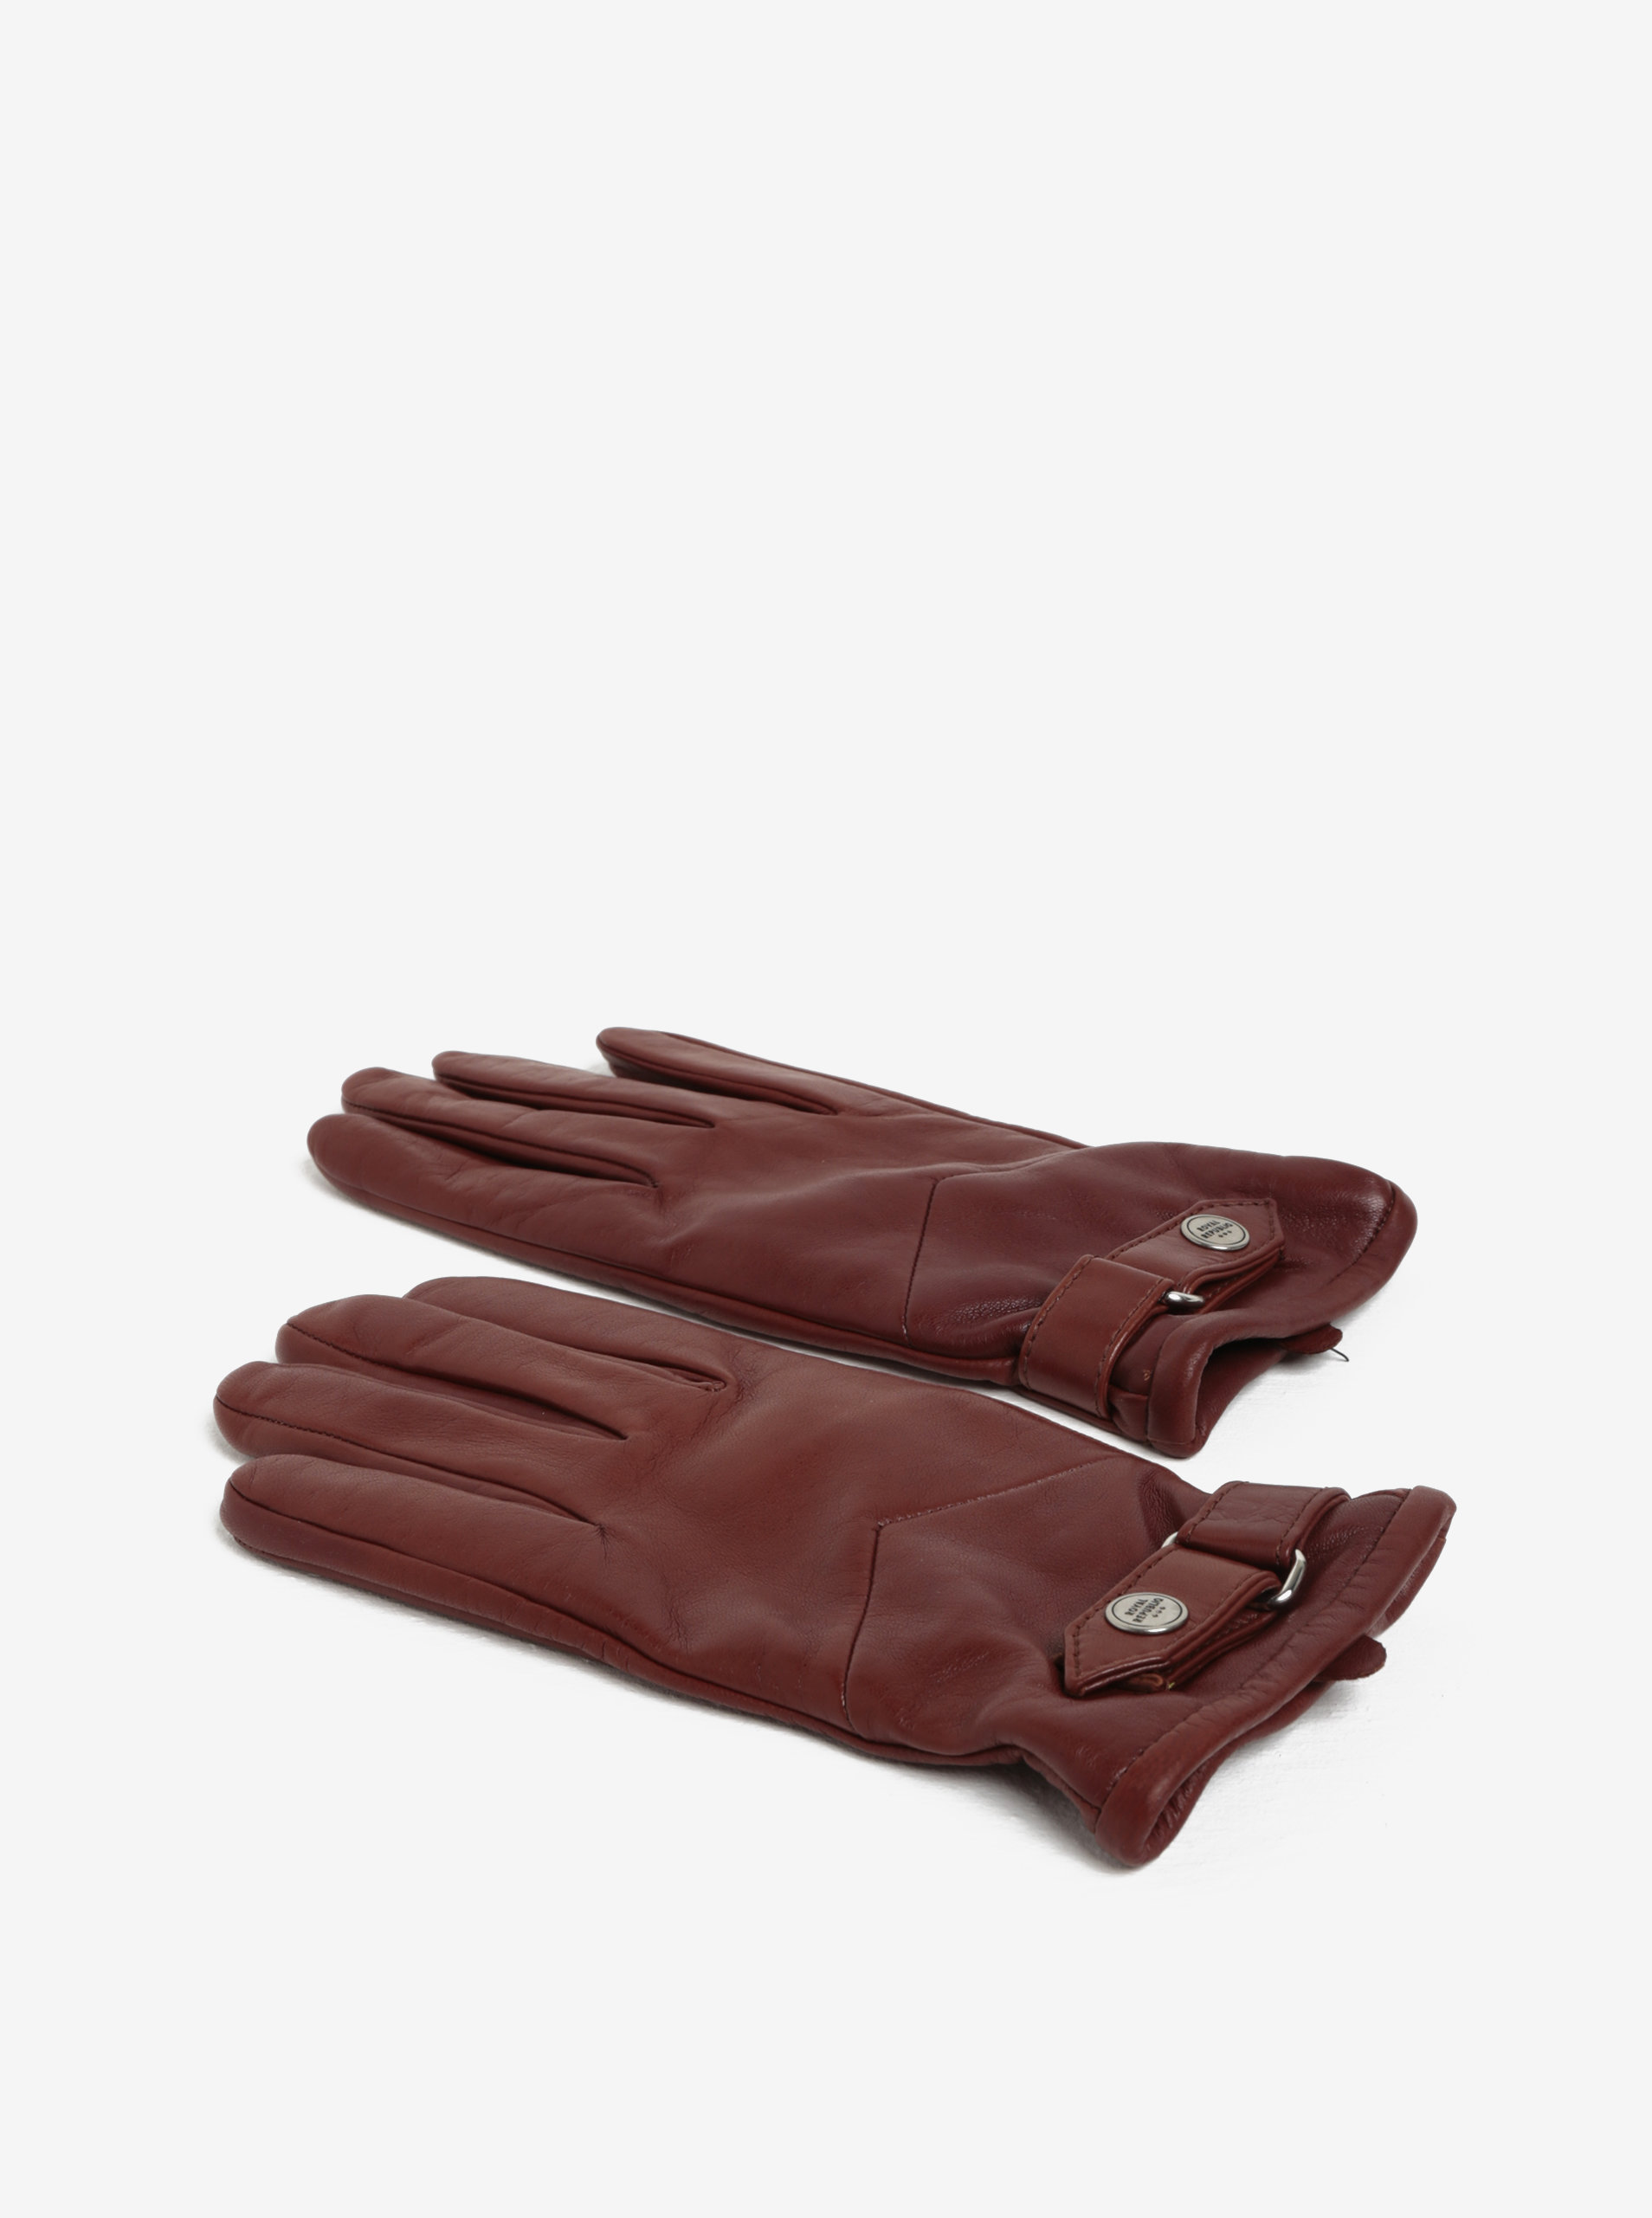 Hnedé dámske kožené rukavice s kašmírovou podšívkou Royal RepubloQ ... faa1e3d7c9